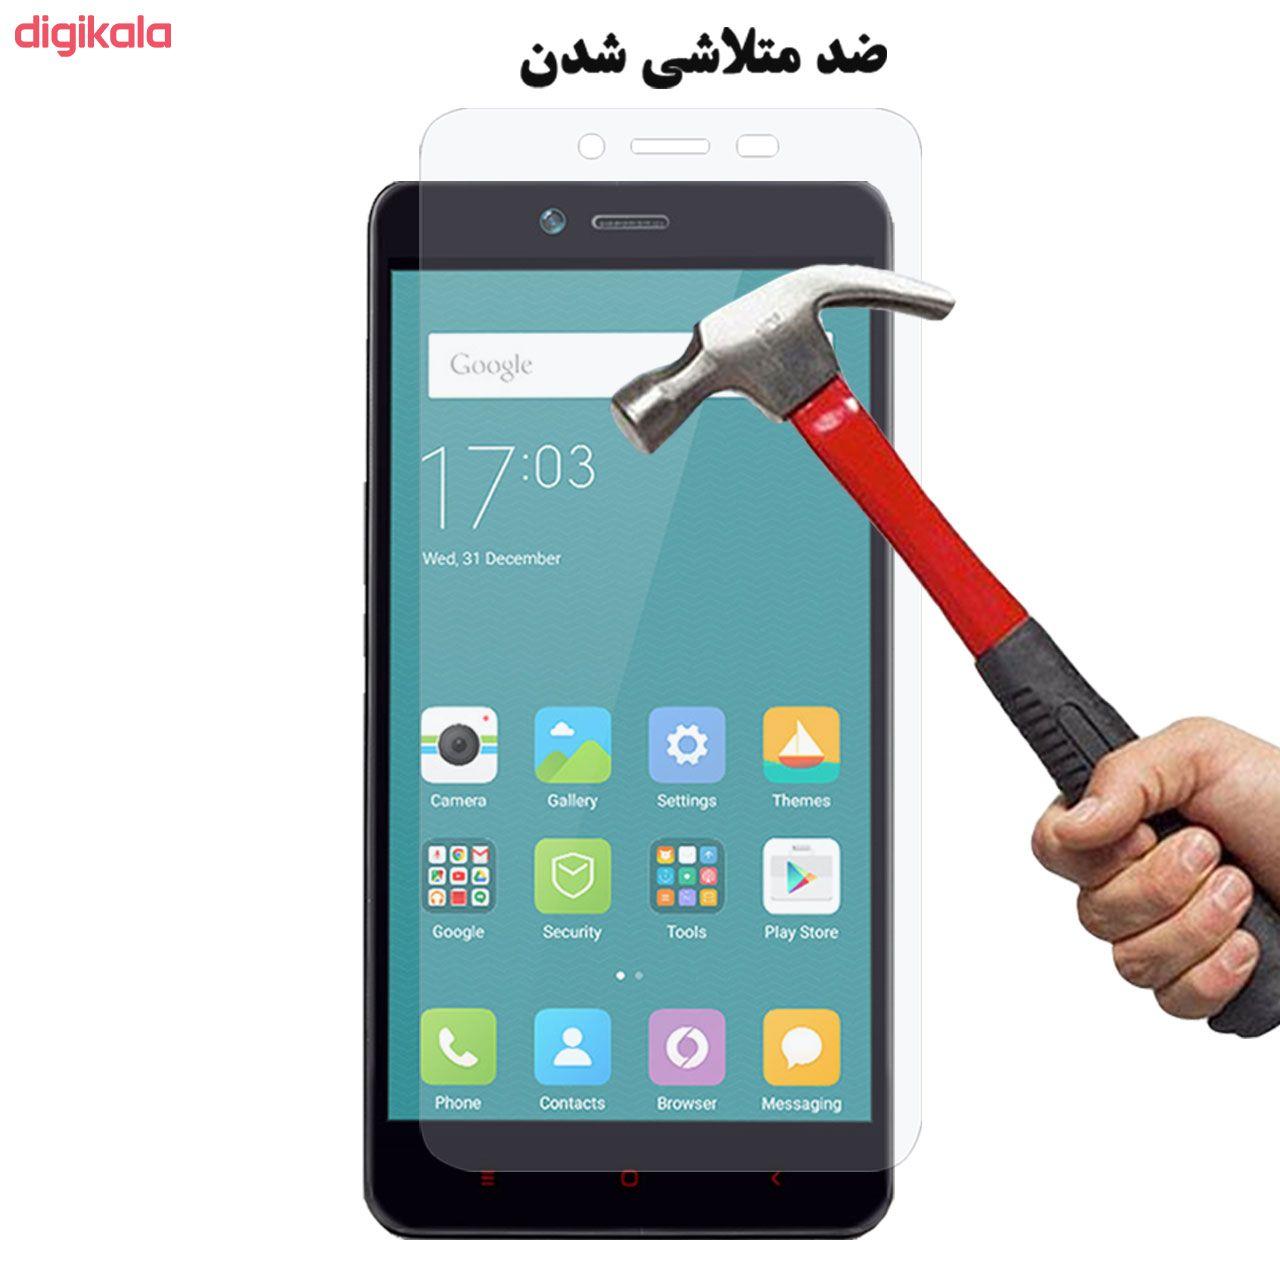 محافظ صفحه نمایش تراستکتور مدل GLS مناسب برای گوشی موبایل شیائومی Redmi Note 2 / Redmi Note 2 Prime main 1 5